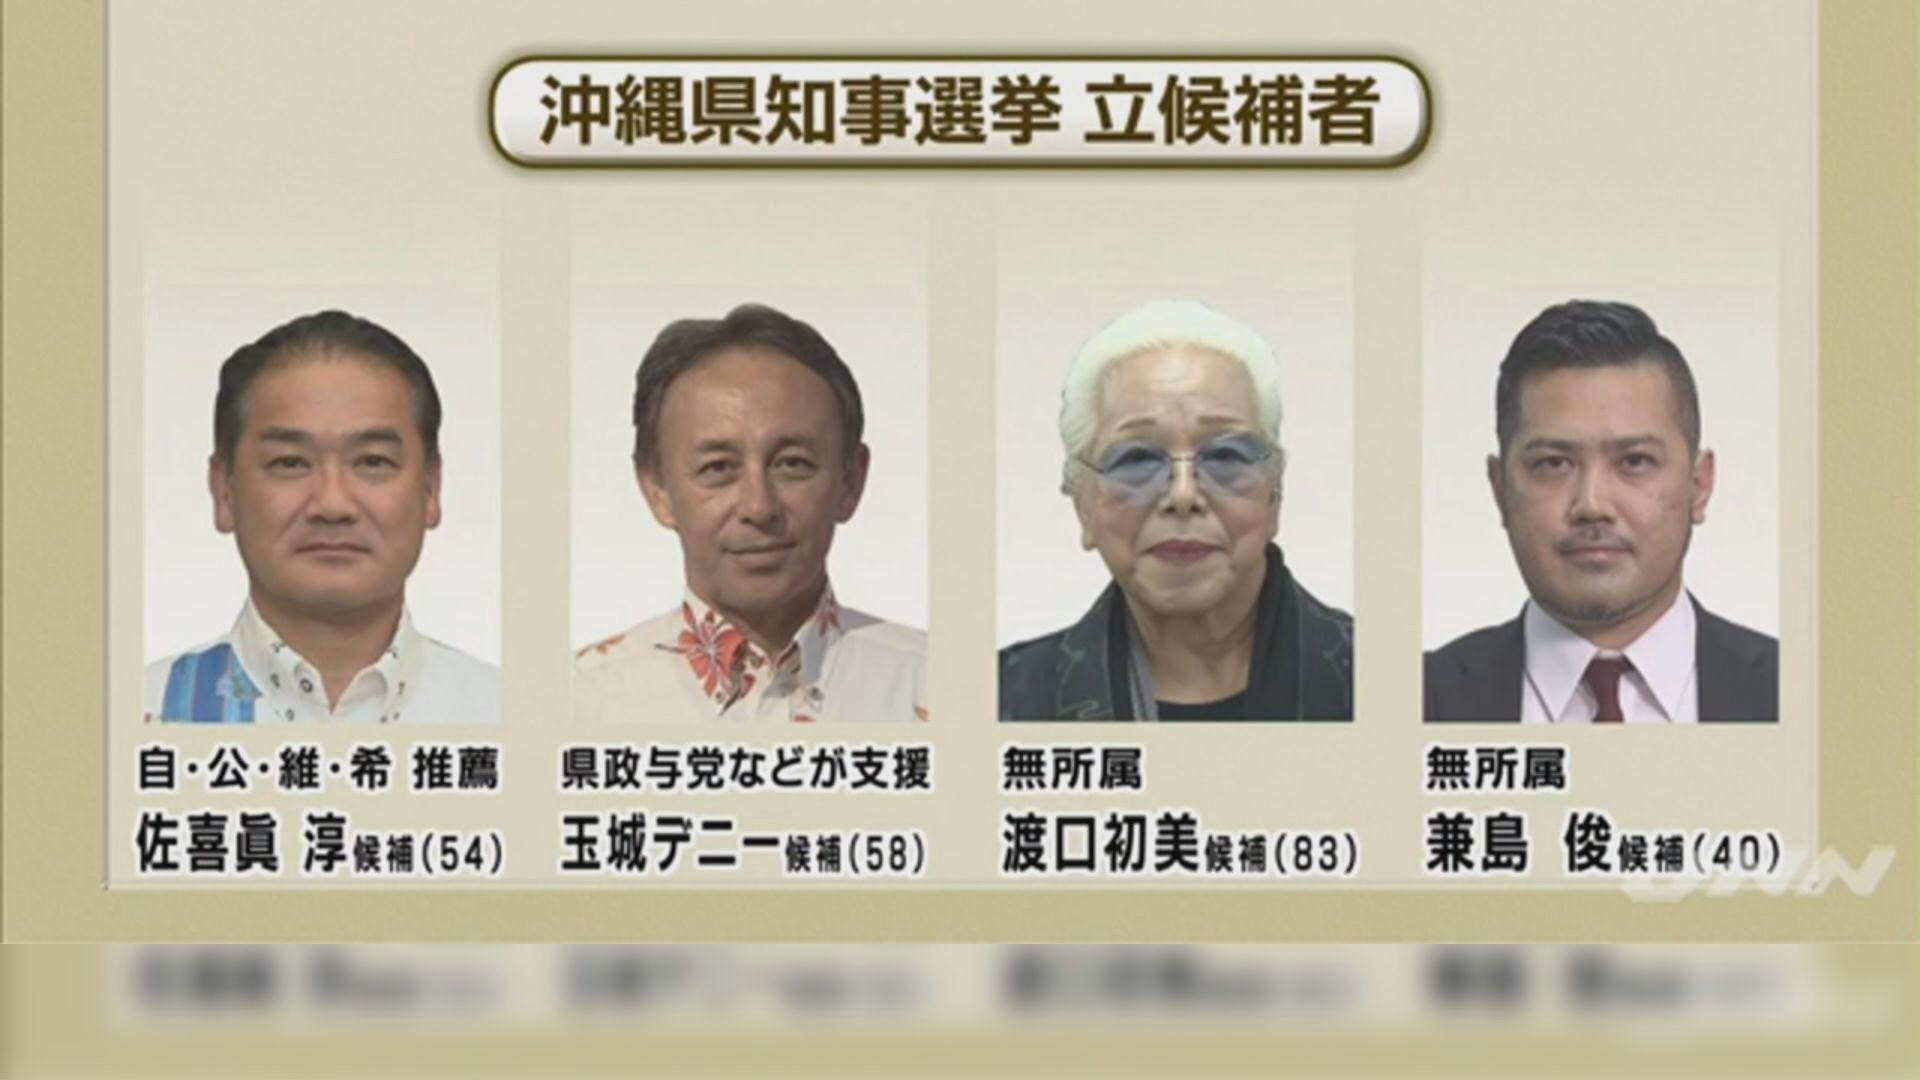 沖繩舉行縣知事選舉